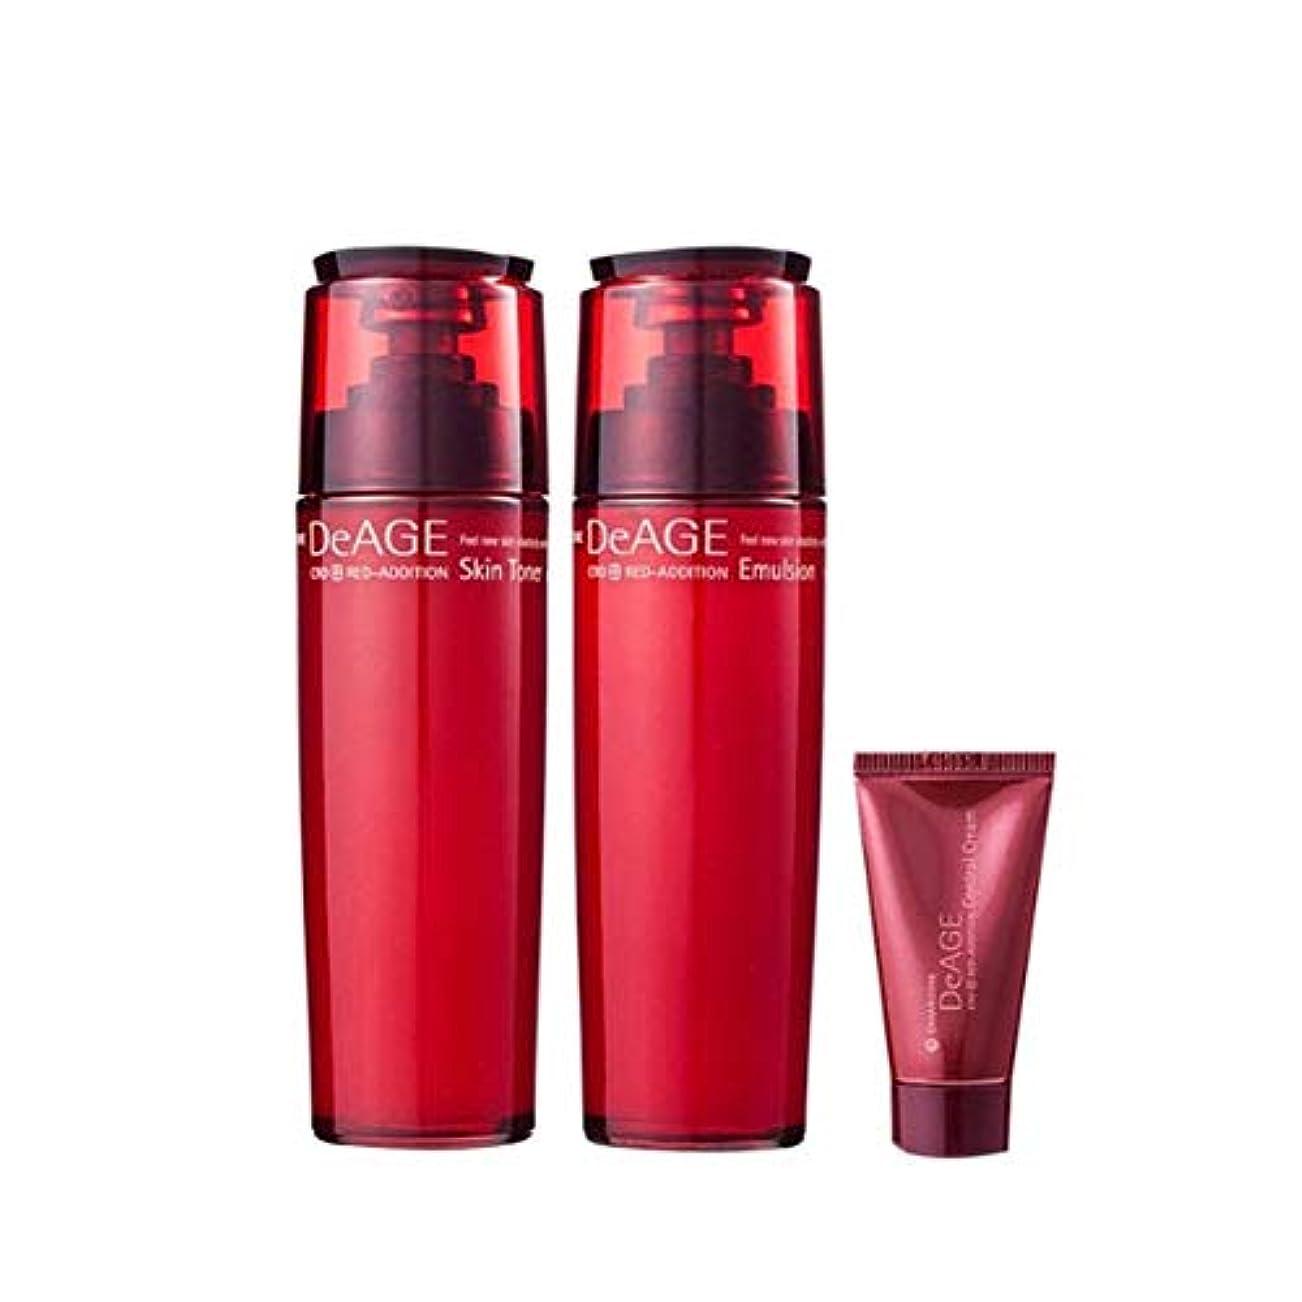 メンバー九月パイプチャムジョンディエイジレッドエディションセット(スキントナー130ml、エマルジョン130ml、コントロールクリーム15ml)、Charmzone DeAGE Red Addition Set(Skin Toner 130ml...